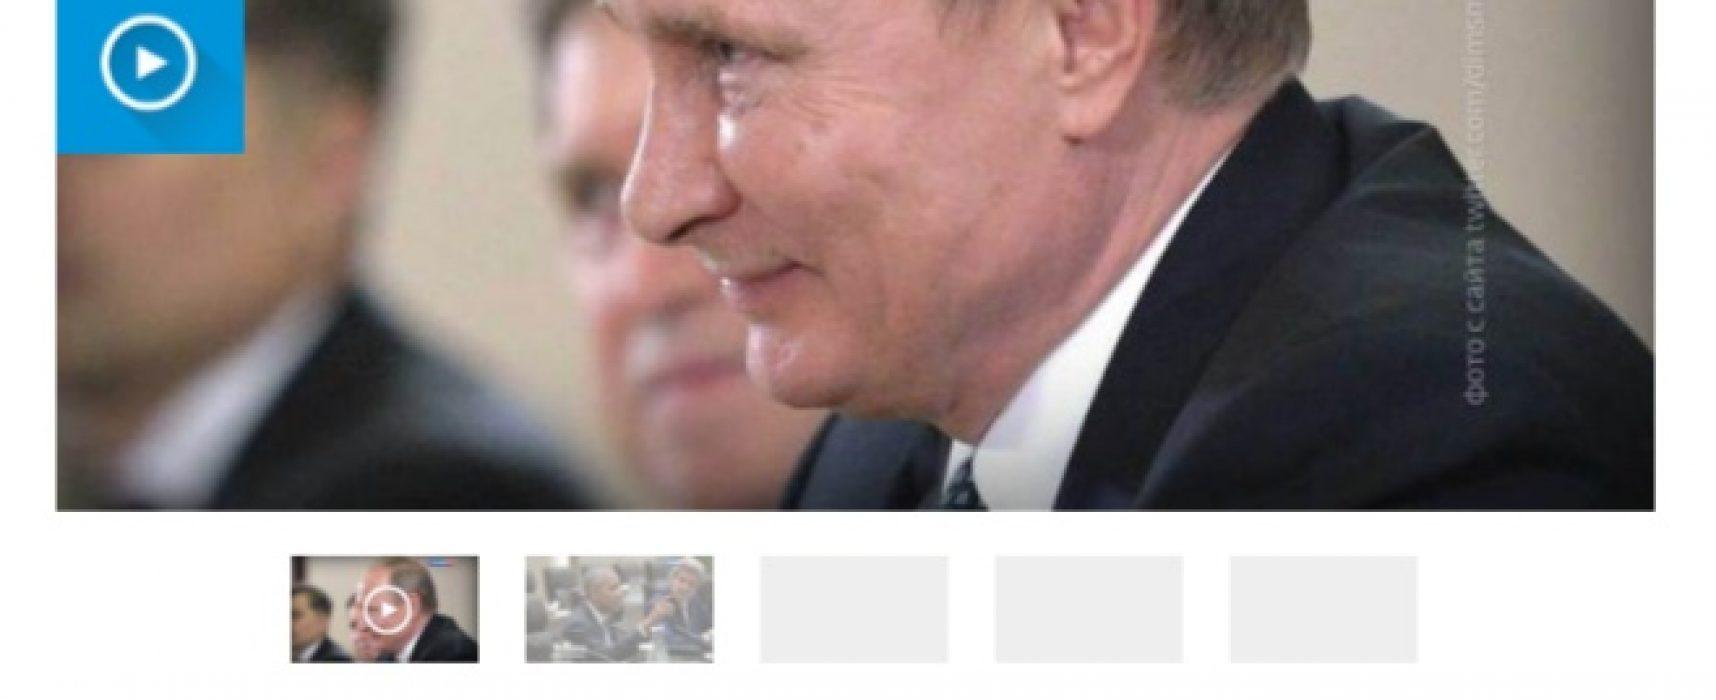 Fake : Putin il leader più atteso del G20